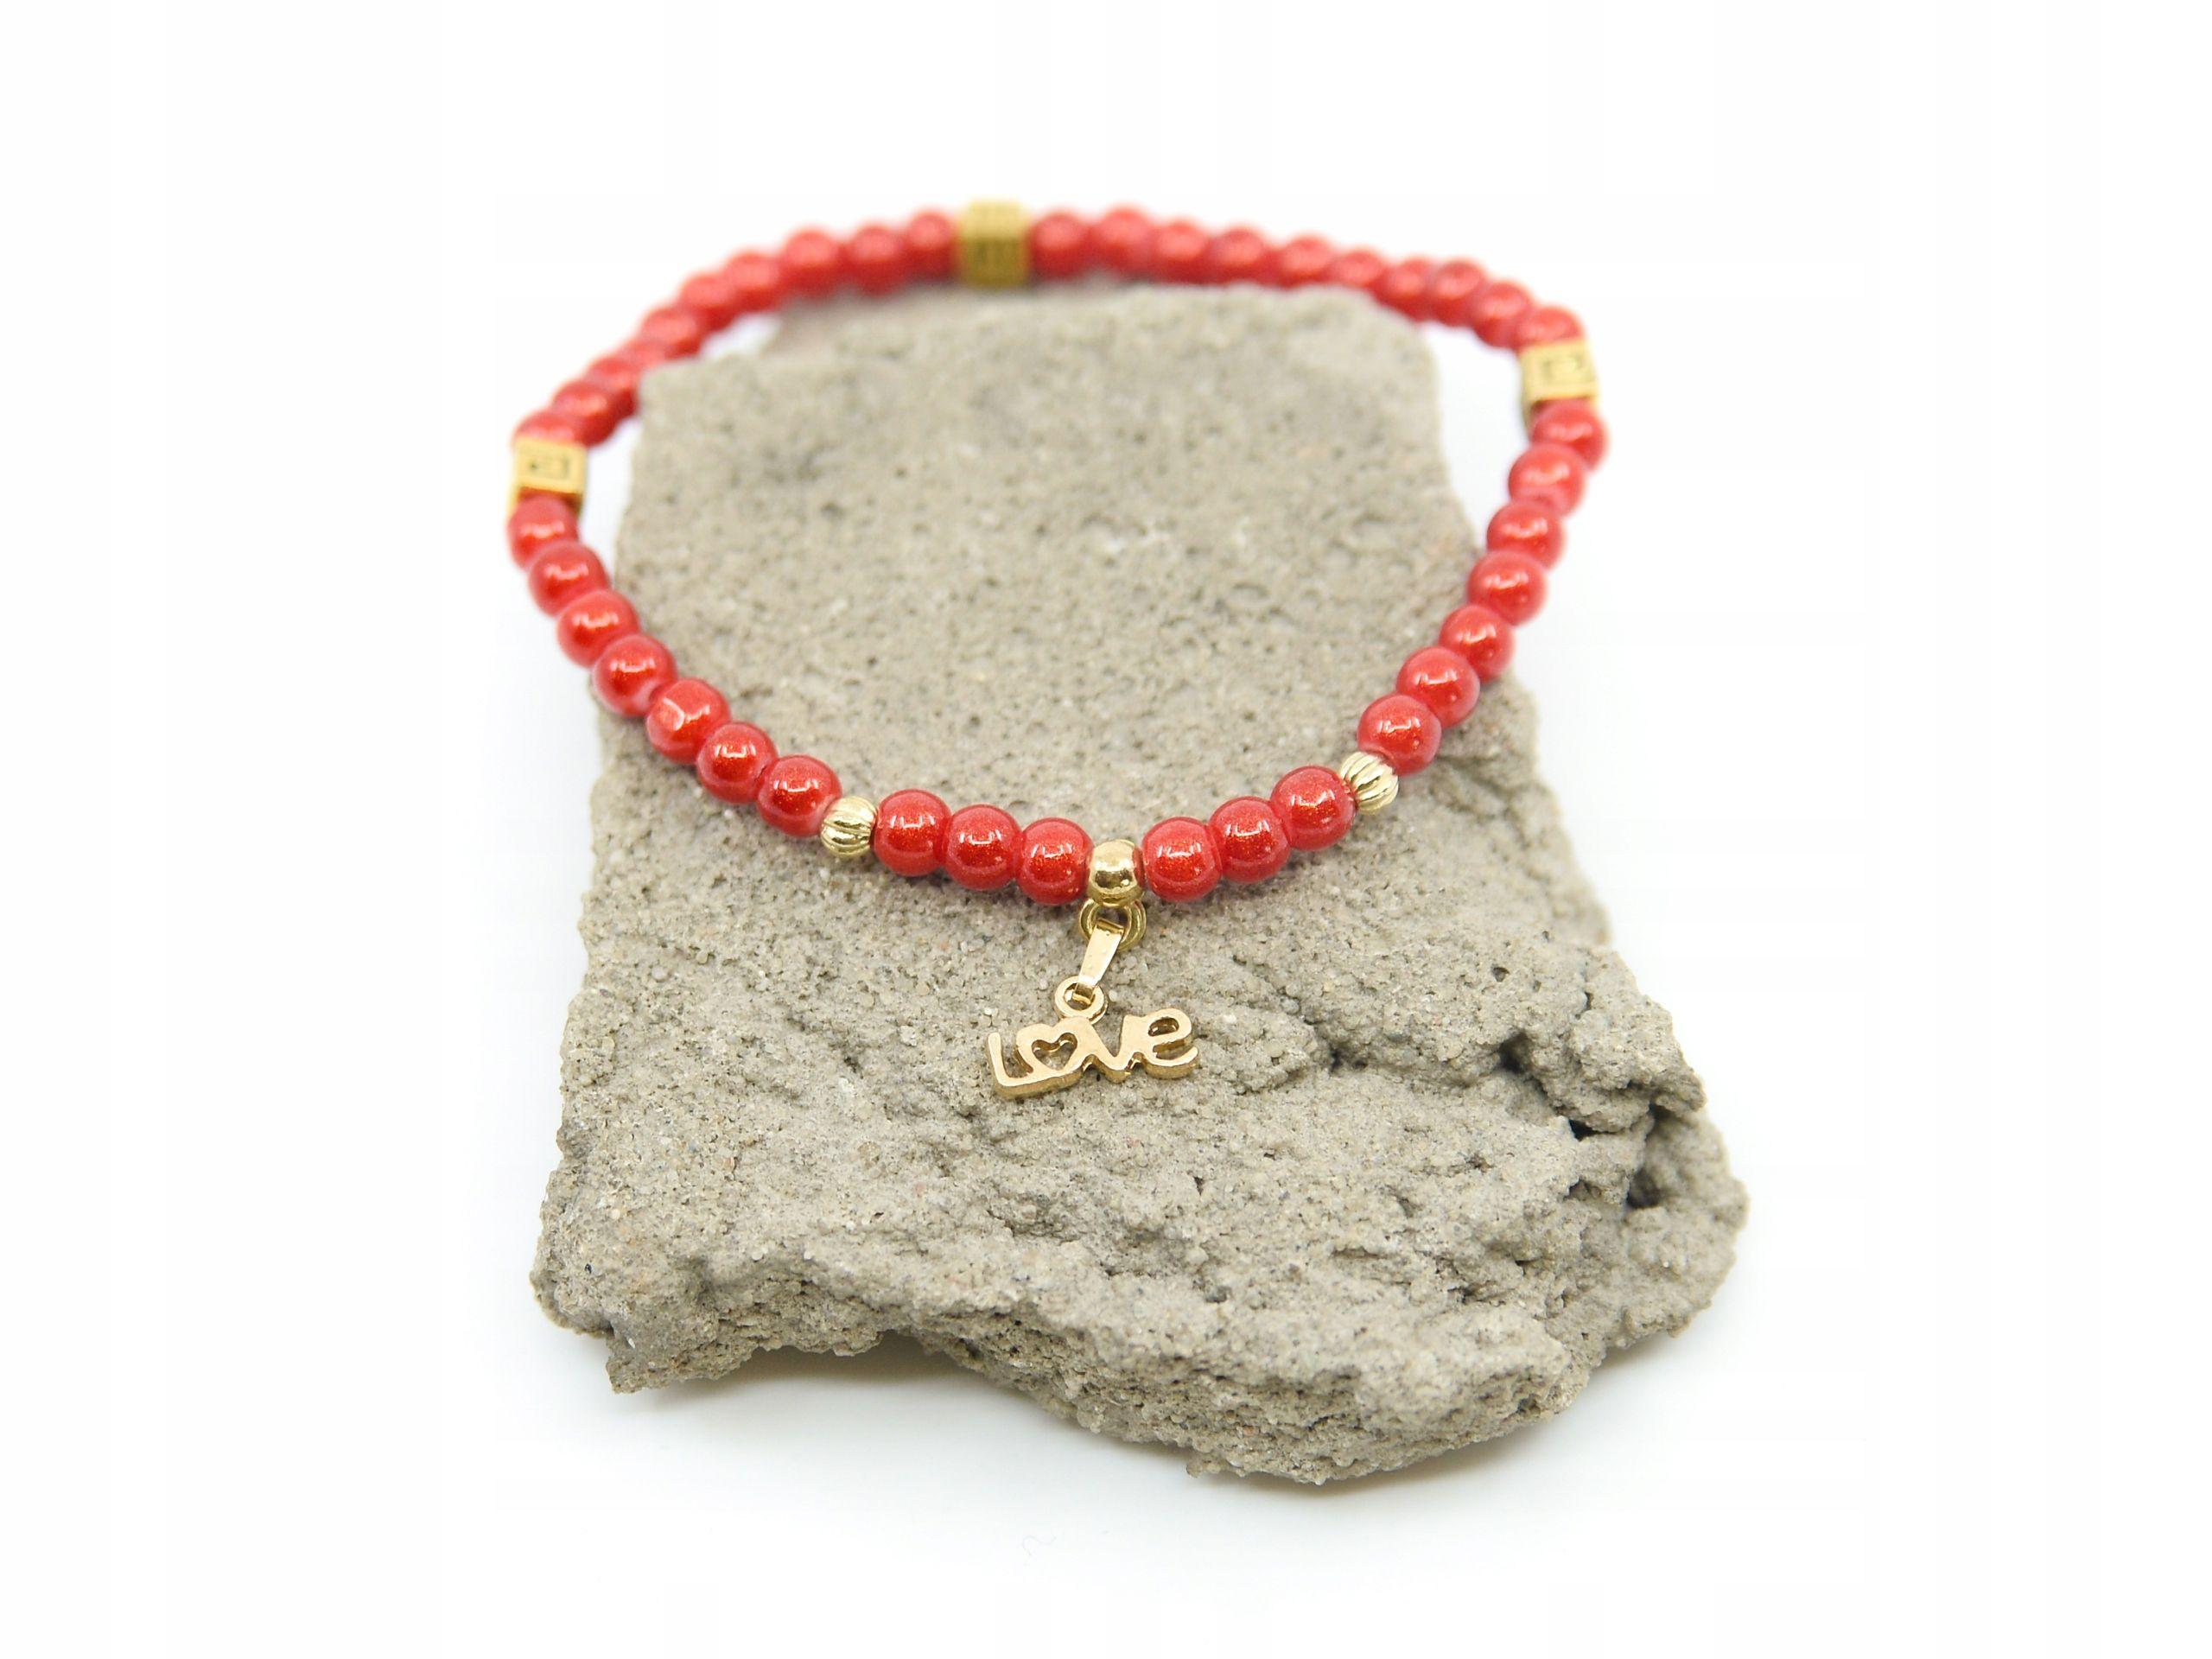 Bransoletka Czerwona Koraliki Love Boho Folk Etno 7780159074 Oficjalne Archiwum Allegro Crochet Necklace Jewelry Necklace